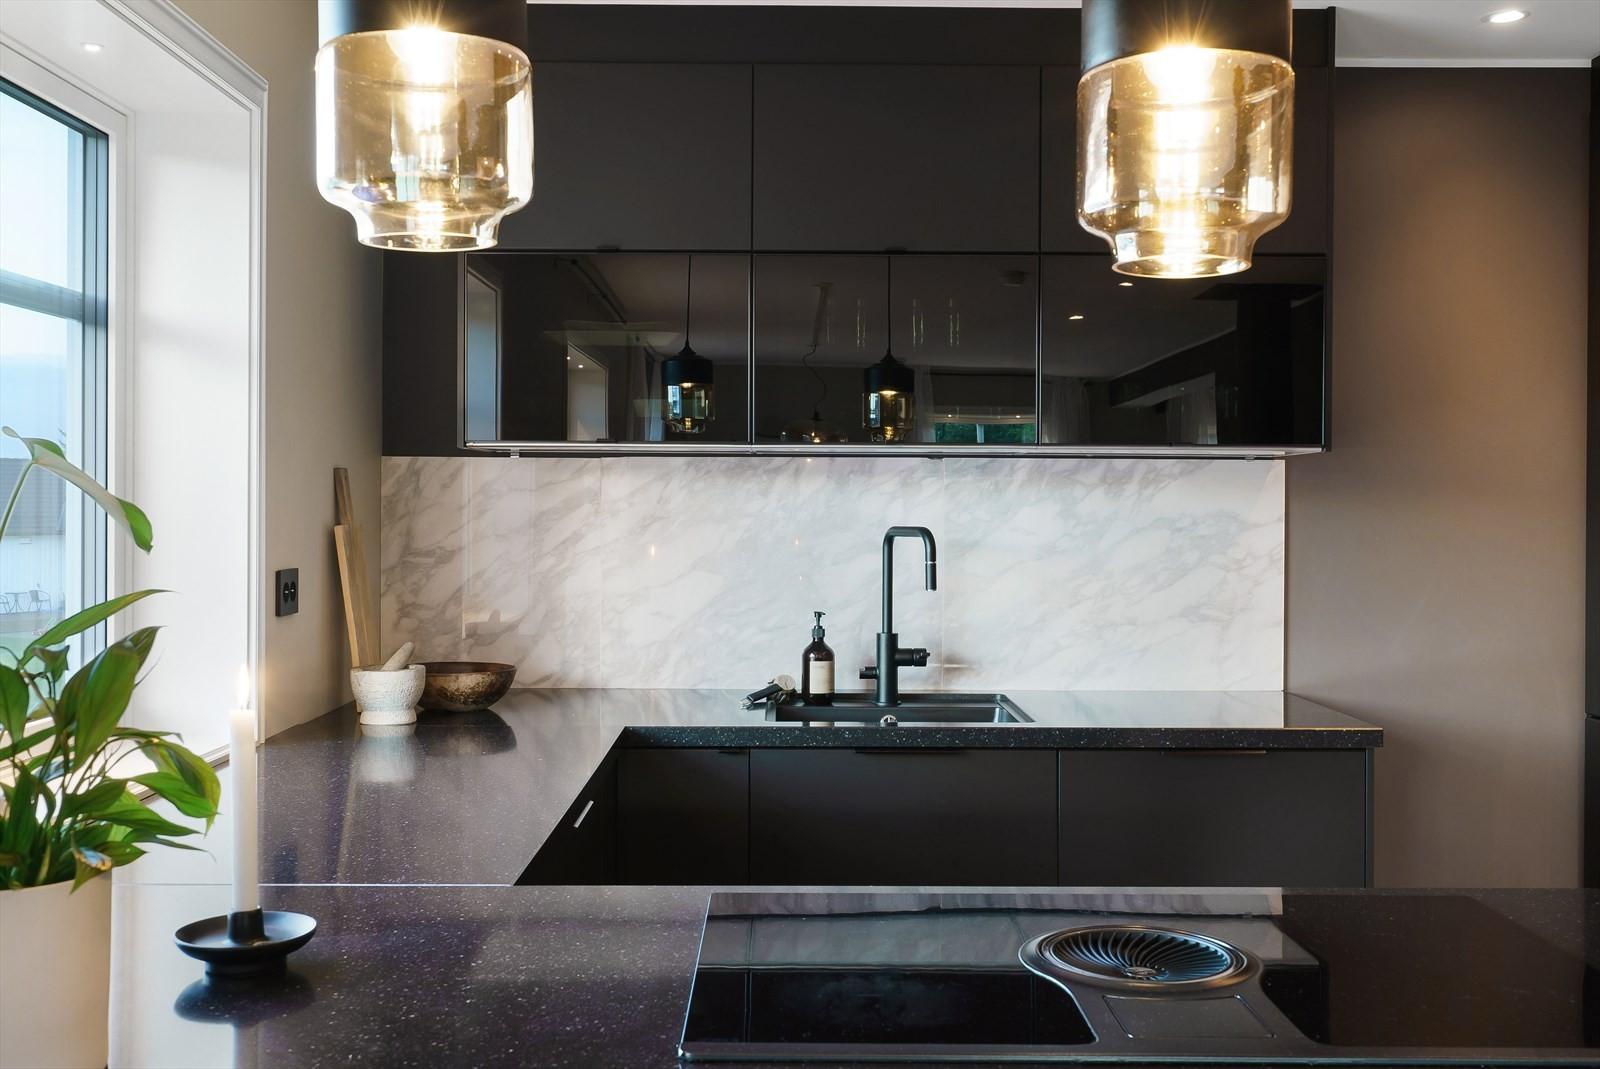 Kjøkkenet har stekeovn med dampfunksjon, kombiovn med microbølgefunksjon, kjøl- og fryseskap, oppvaskmaskin og koketopp.